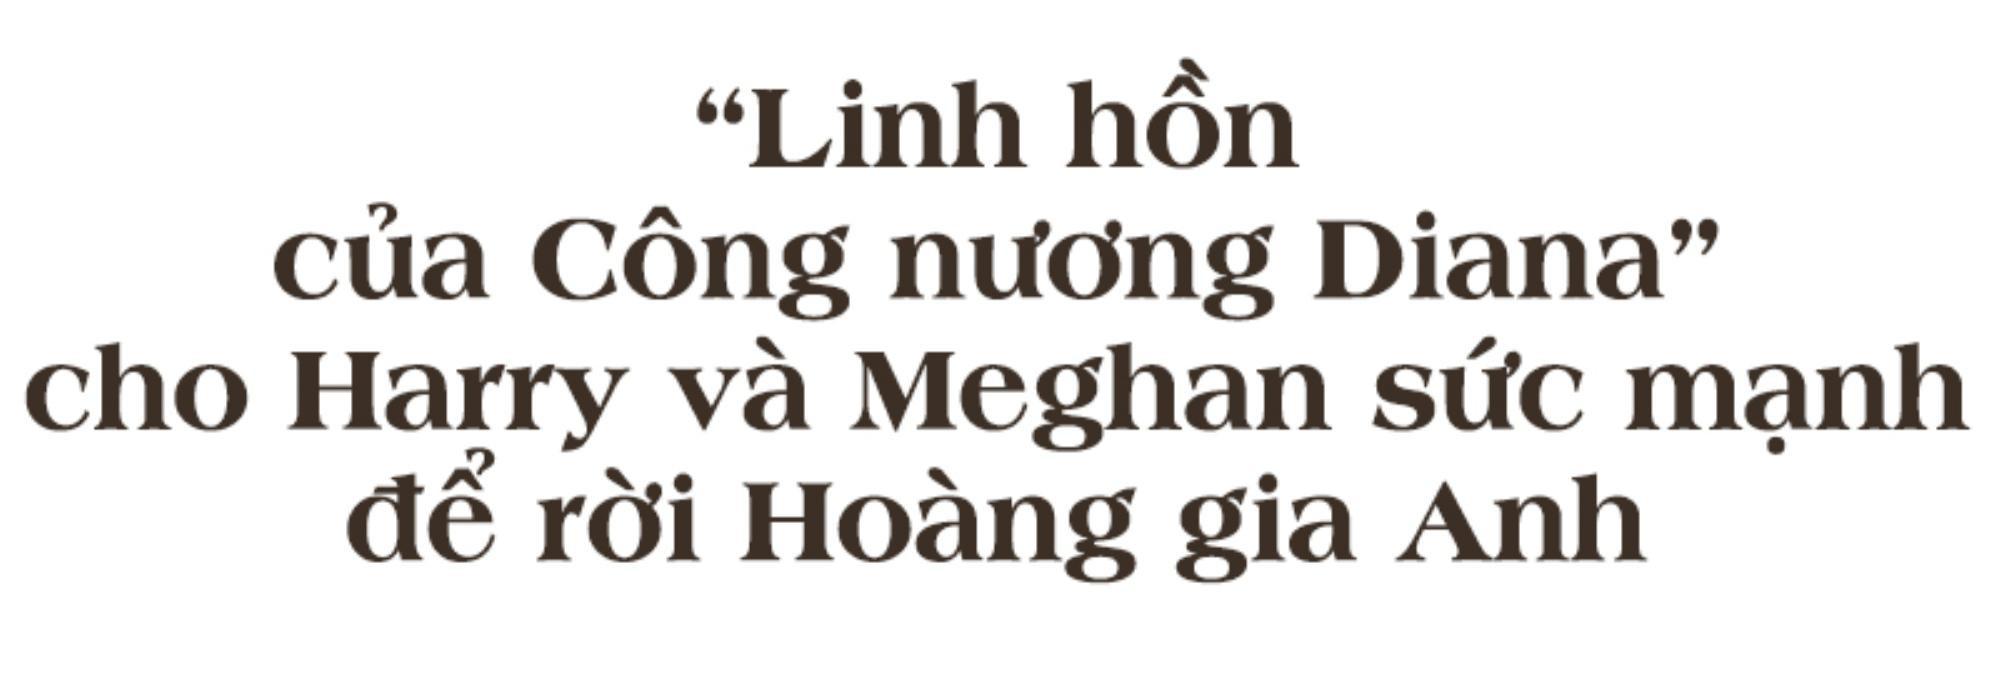 'Linh hồn của Diana đã dẫn lối cho Harry và Meghan rời bỏ Hoàng gia' Ảnh 5